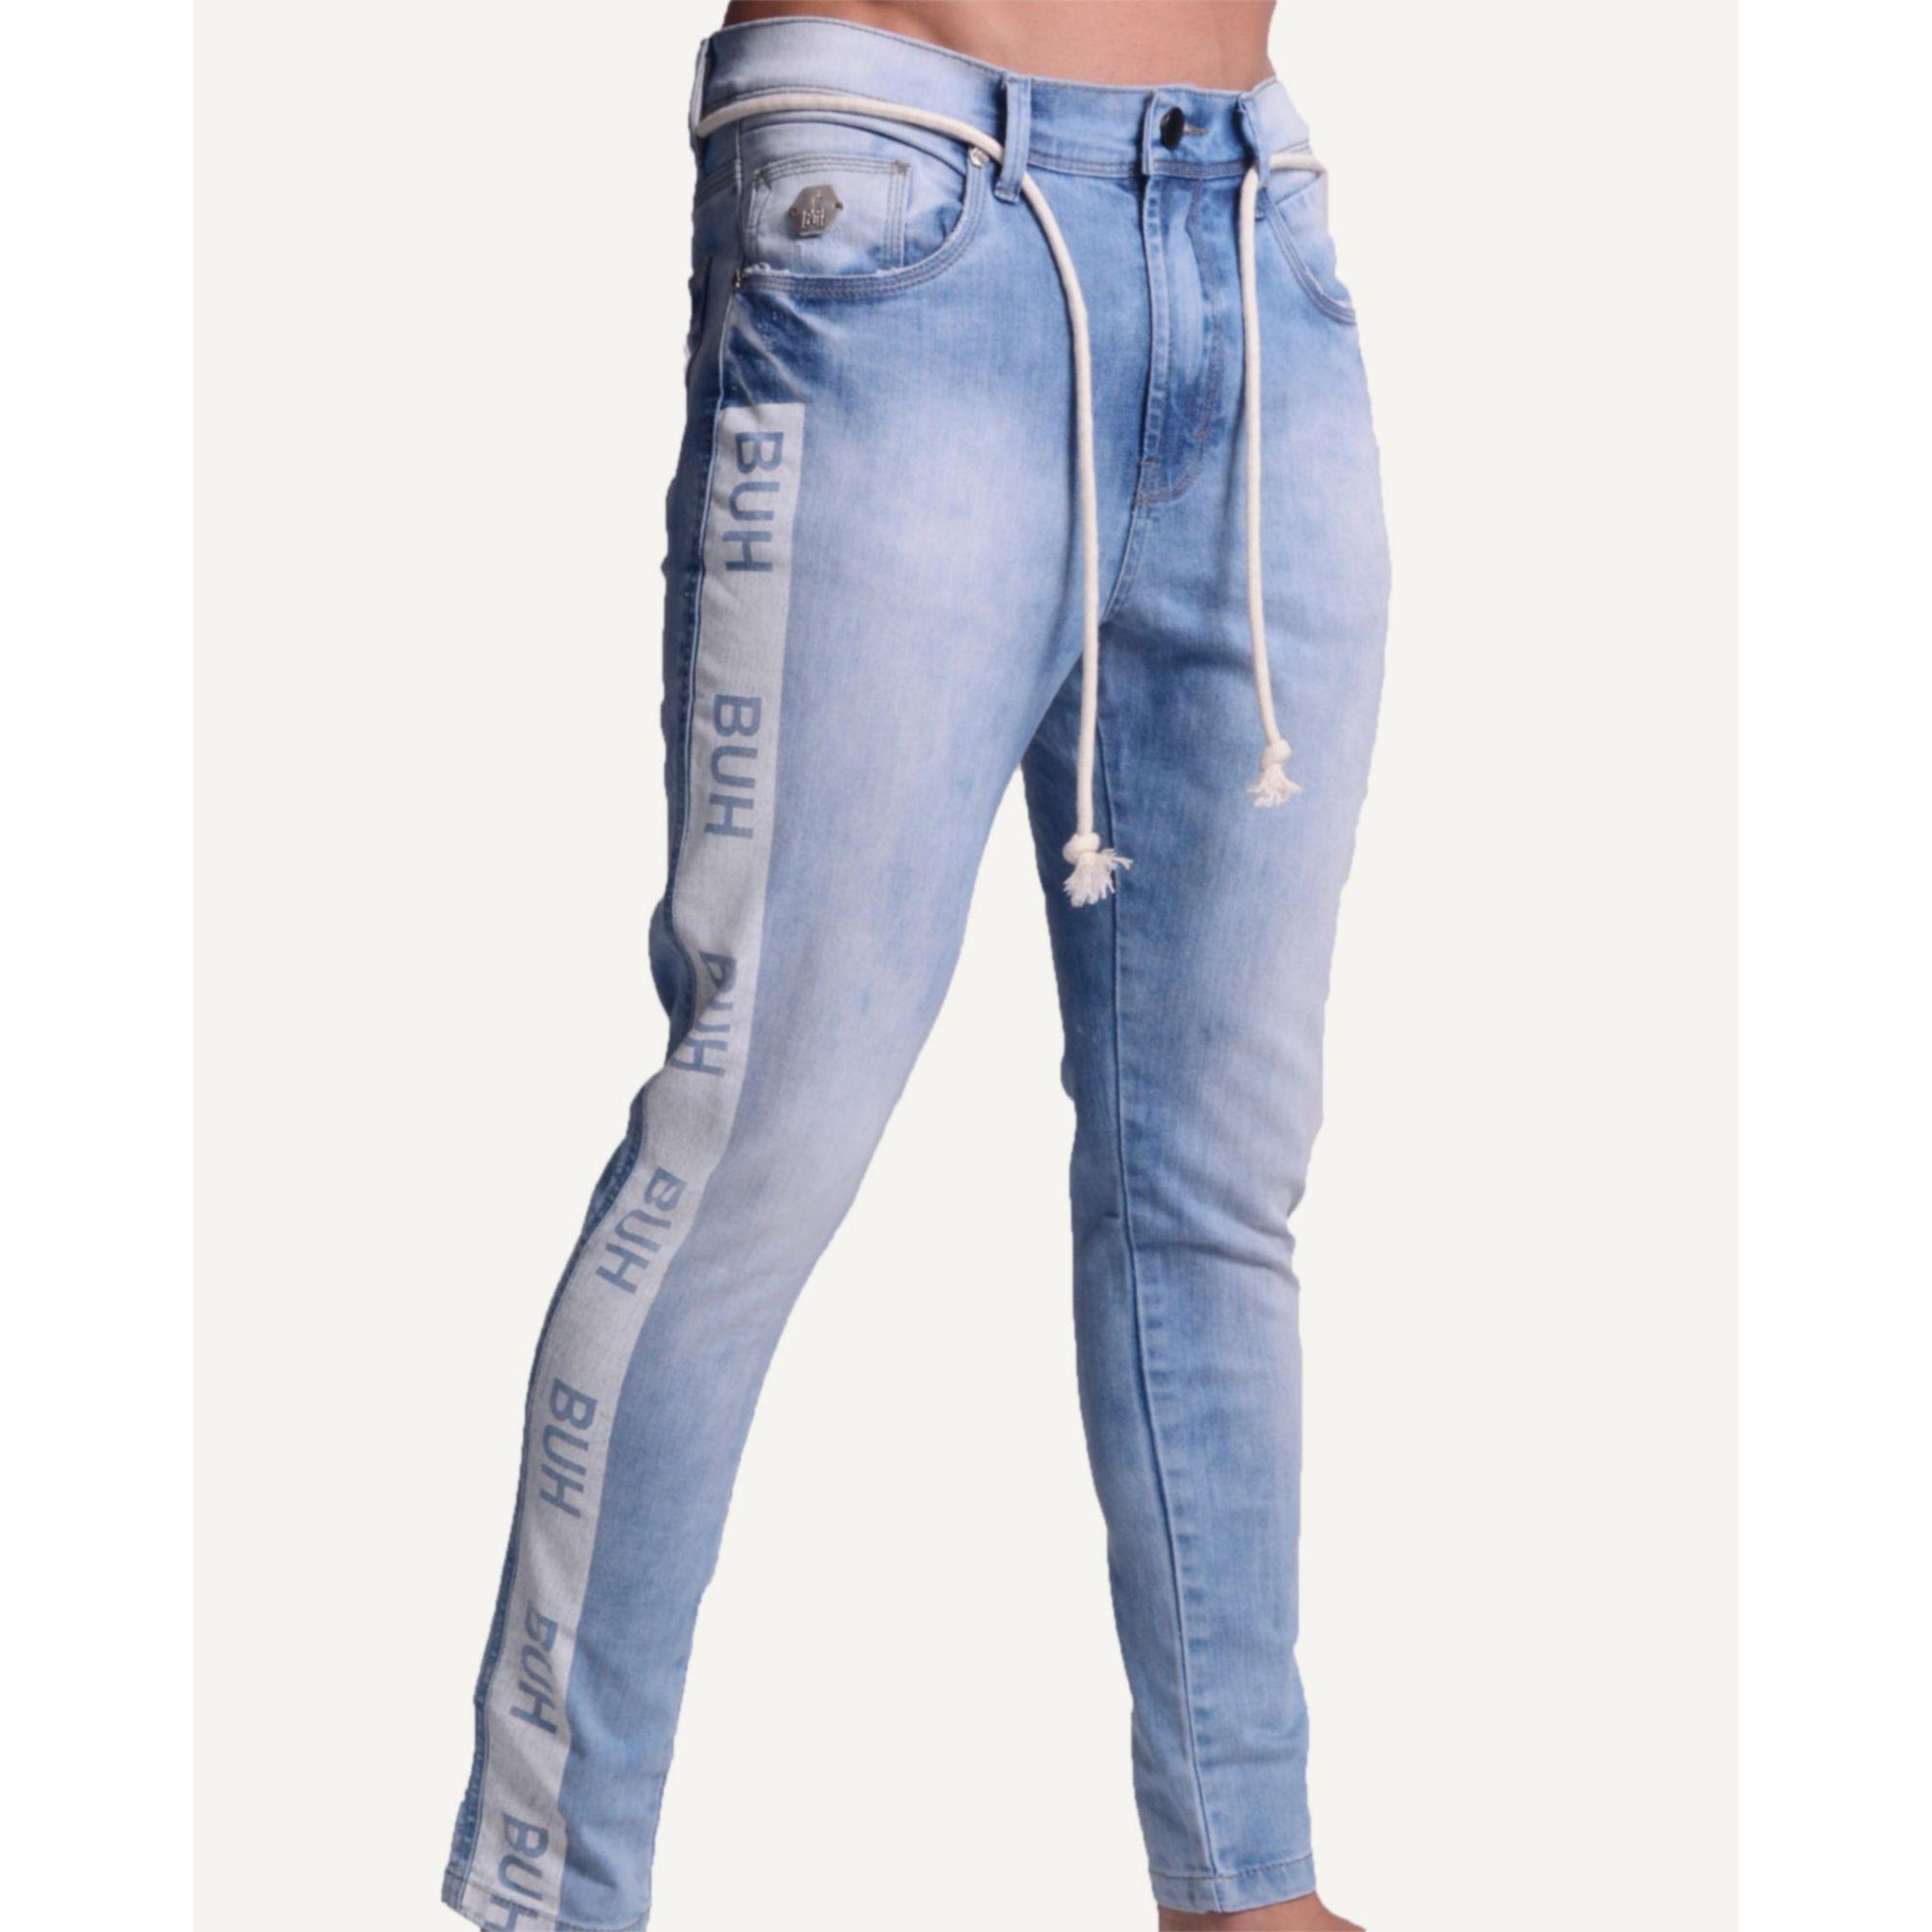 Calça Buh Jeans Faixa